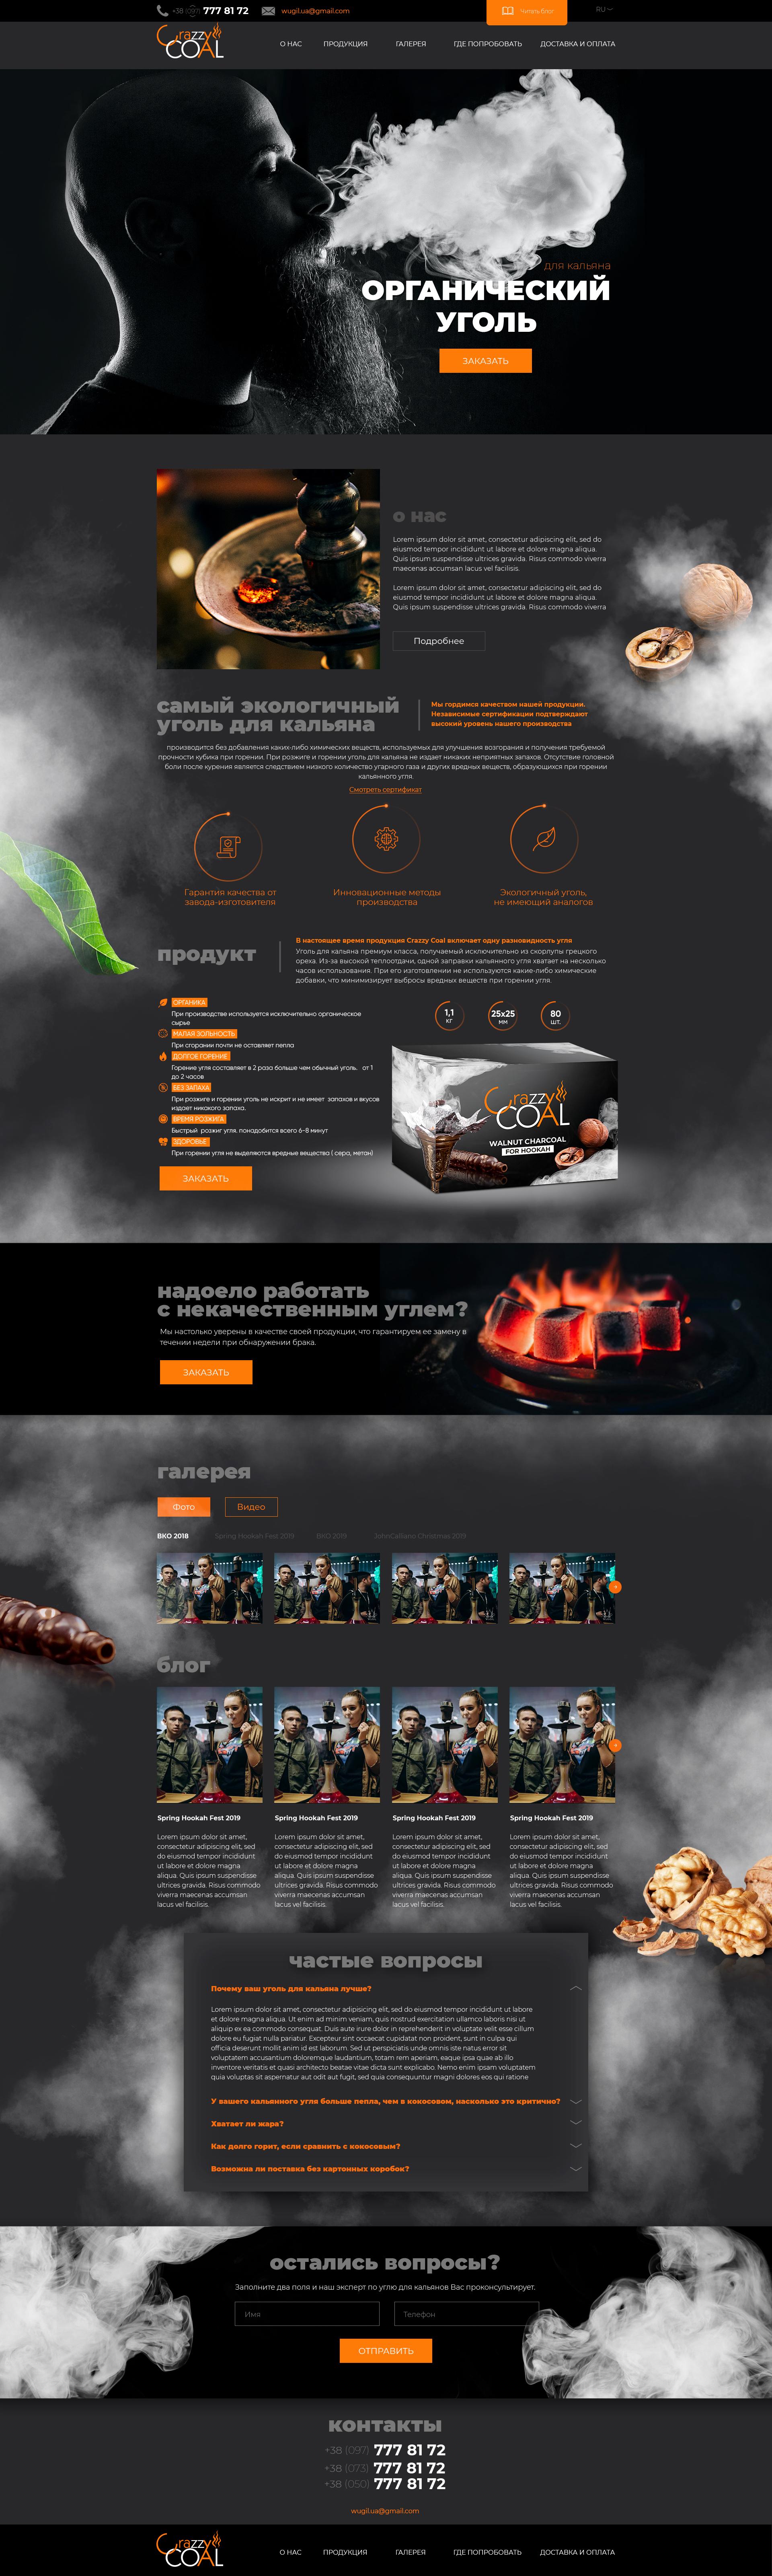 Фото Сайт для компании по продаже угля для кальянов. Уникальный дизайн, адаптивная верстка под экраны всех устройств.